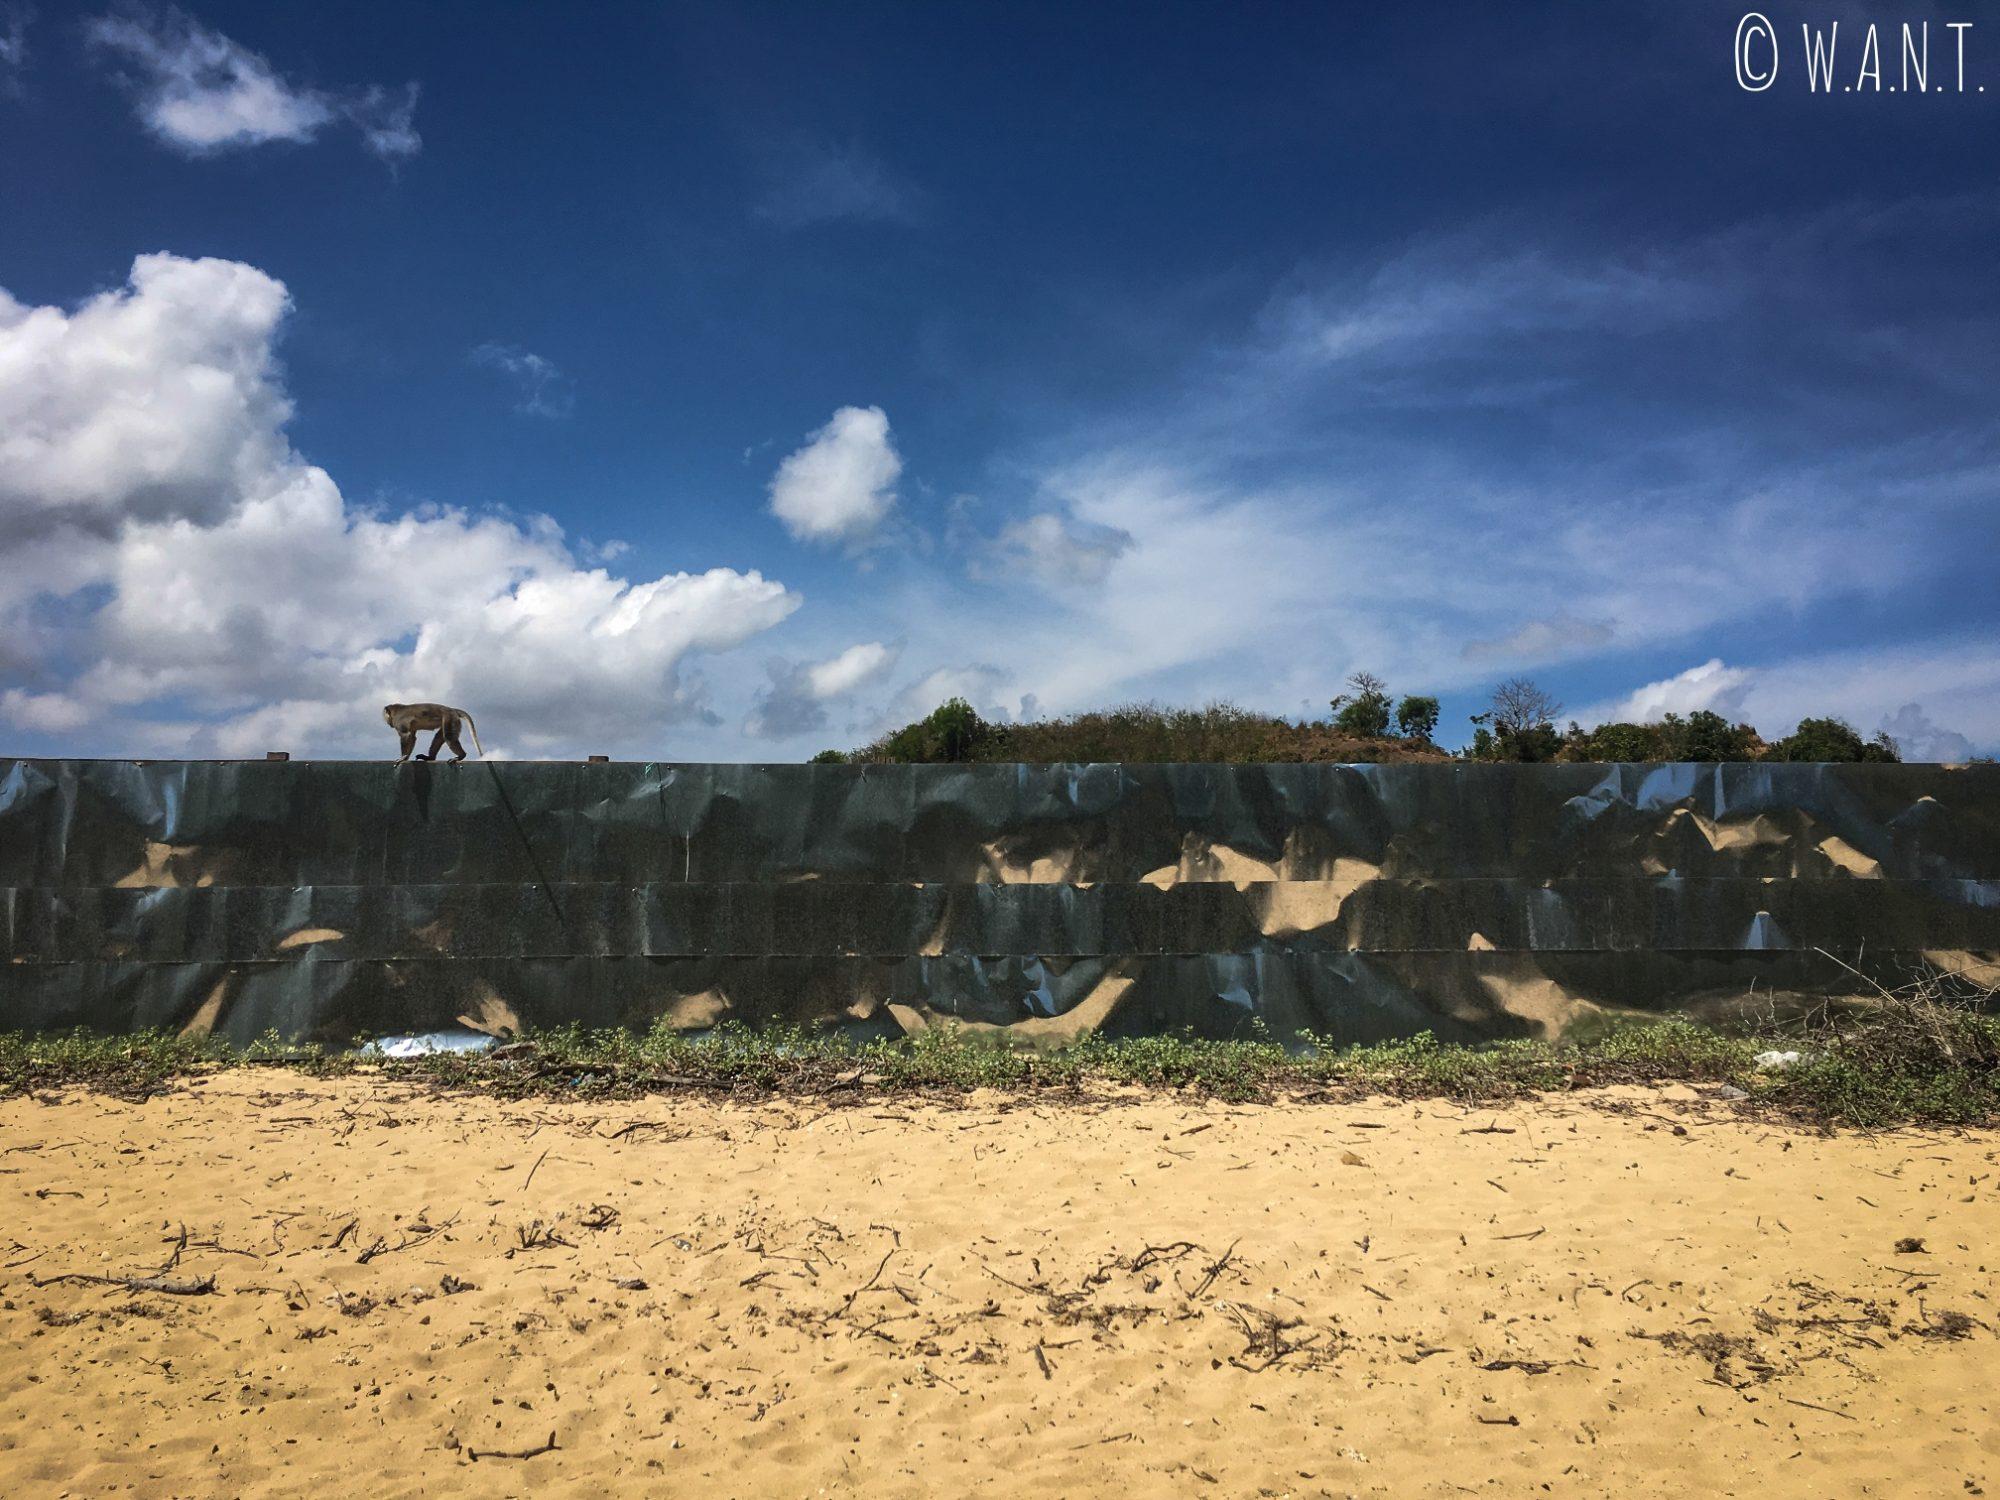 Chantier encerclé par des plaques métalliques sur la plage de Kuta Lombok